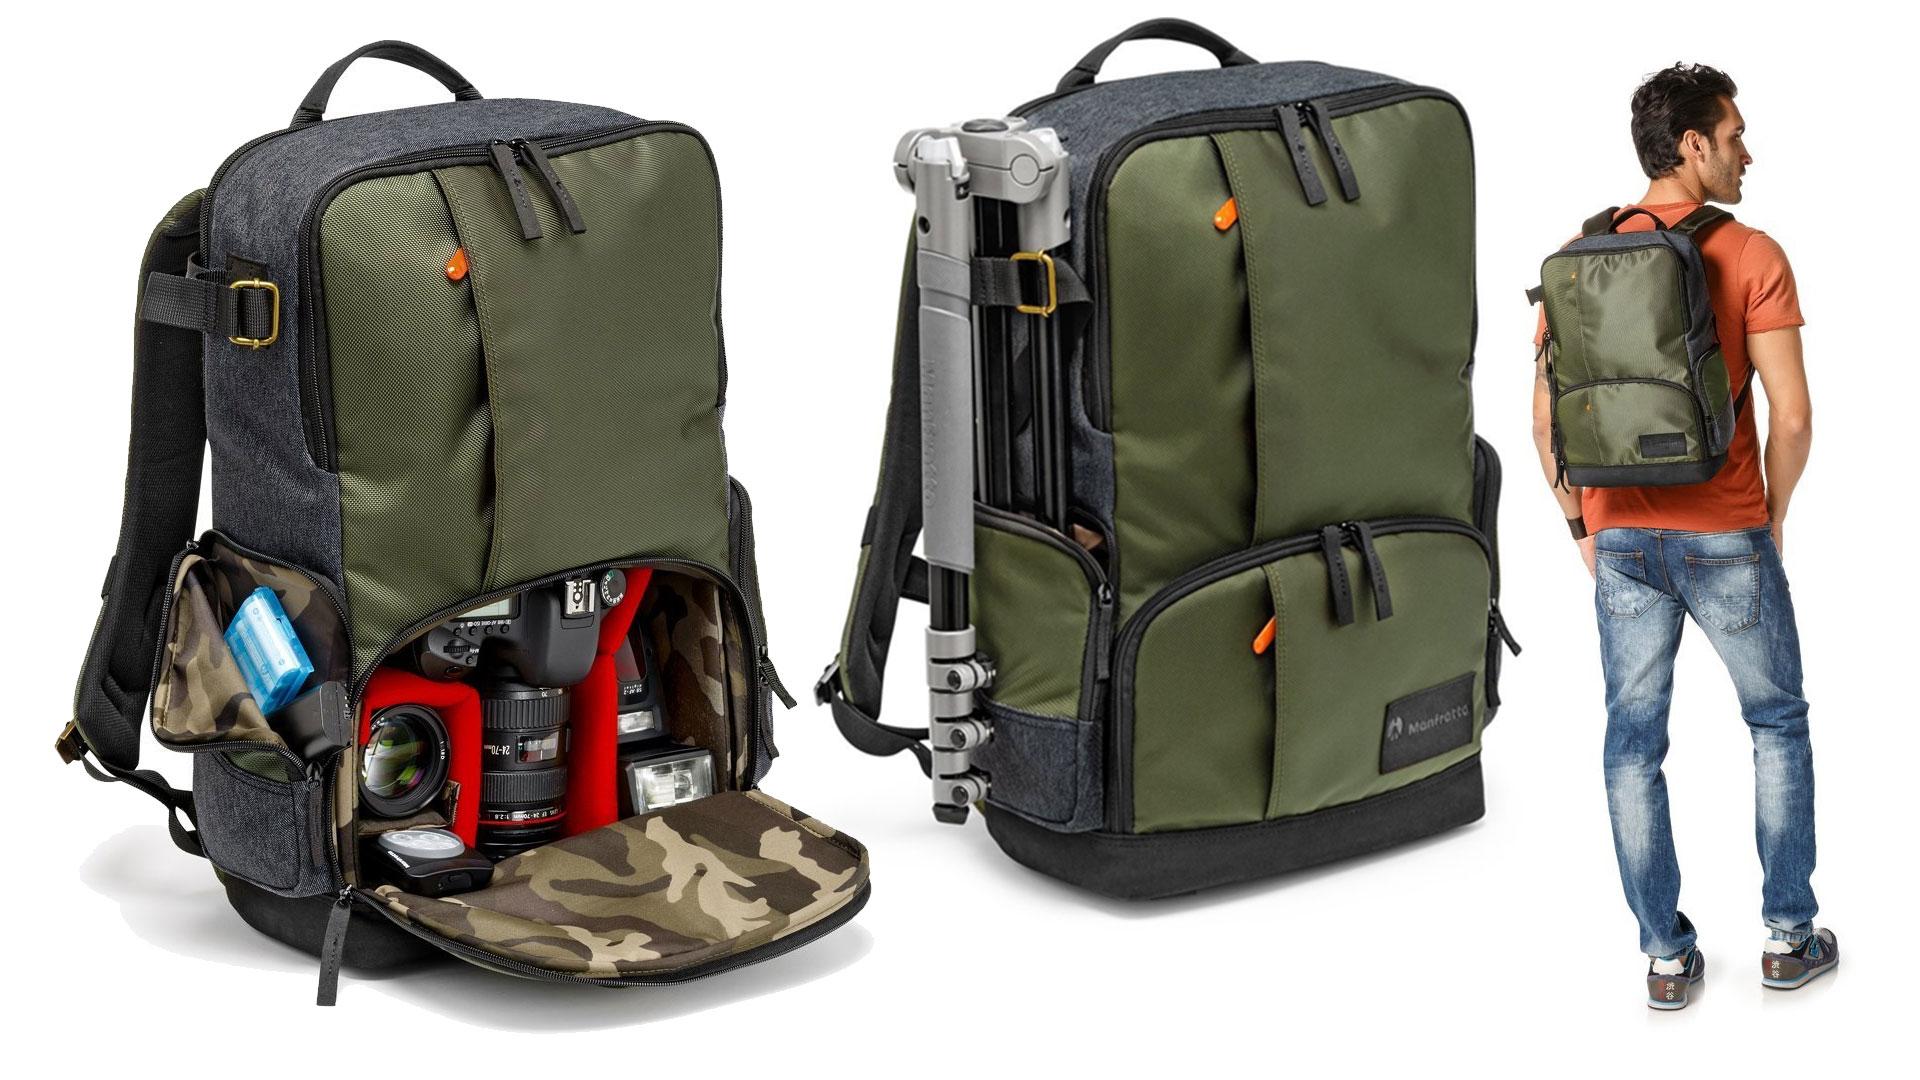 Manfrotto Camera & Laptop Backpack, best dslr bag, best dslr camera bag, best dslr camera backpack